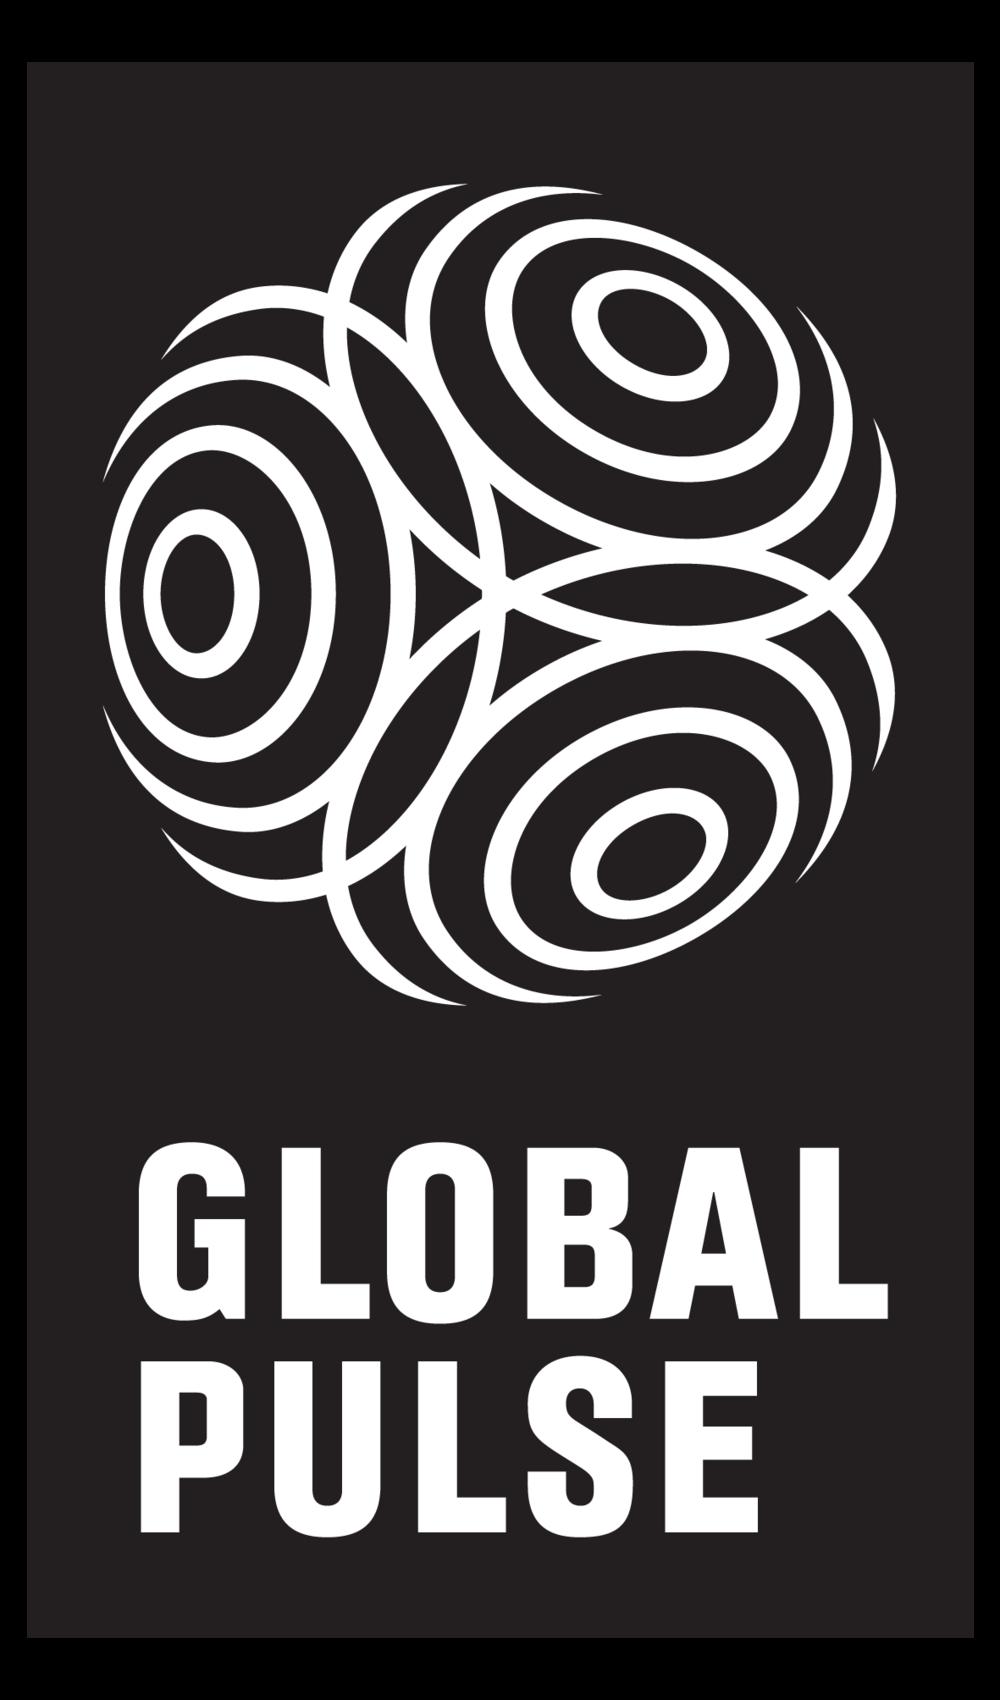 UN Global Pulse